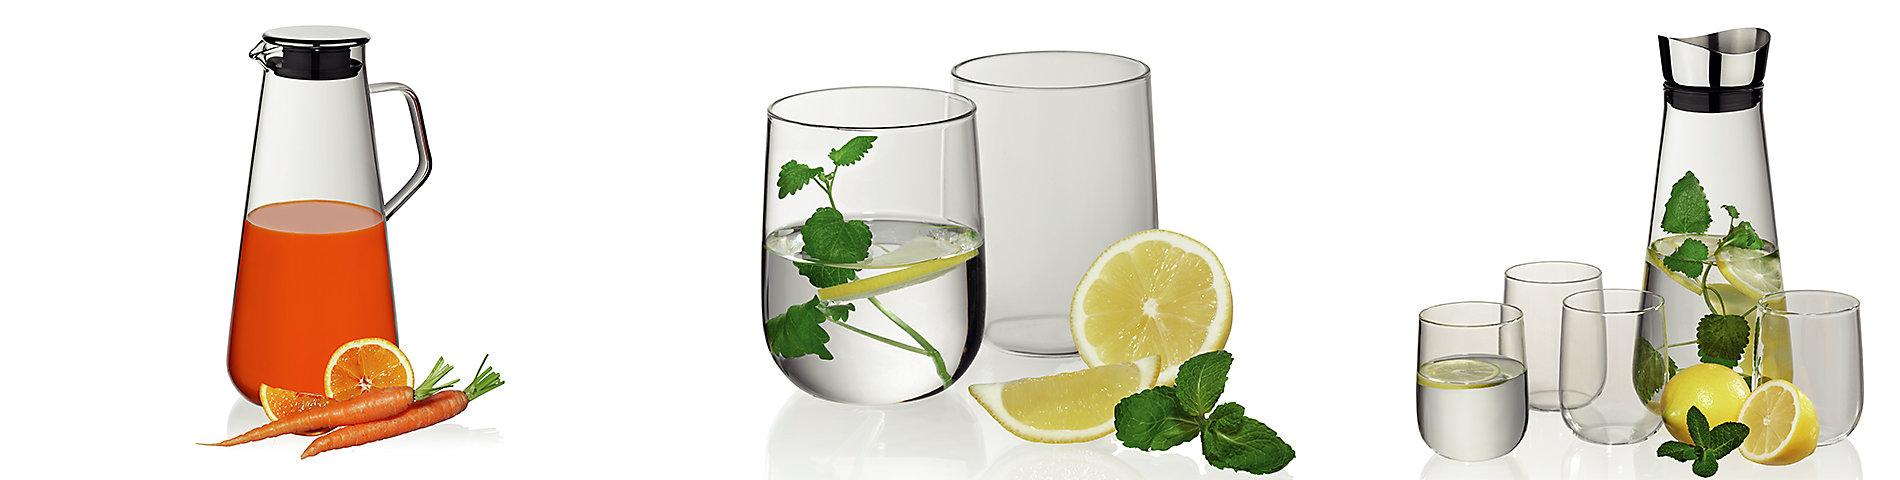 Wasserkaraffe aus Glas zum Servieren